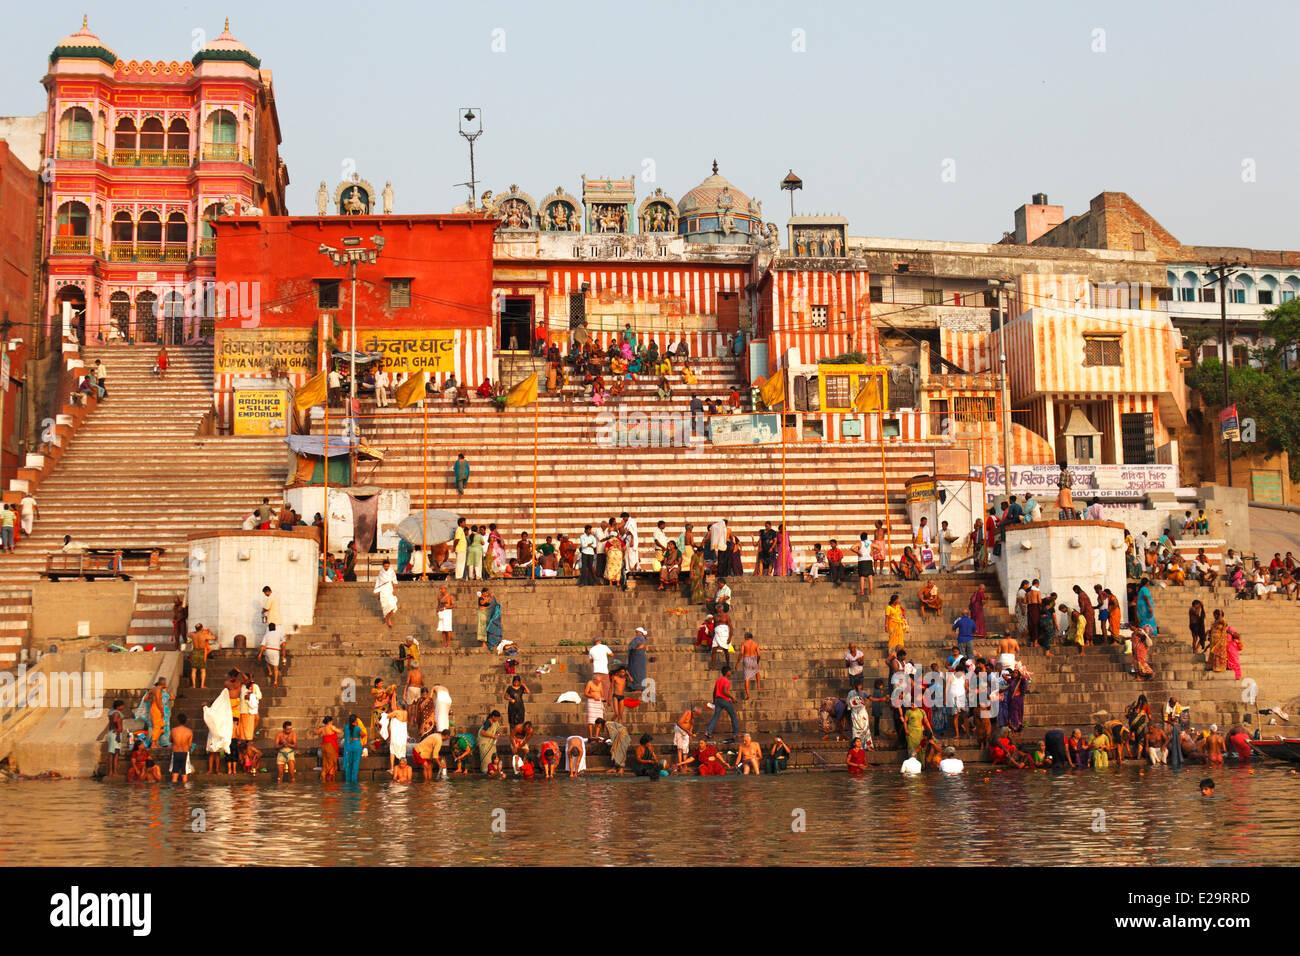 L'Inde, Uttar Pradesh State, Varanasi, Kedar Ghat Photo Stock